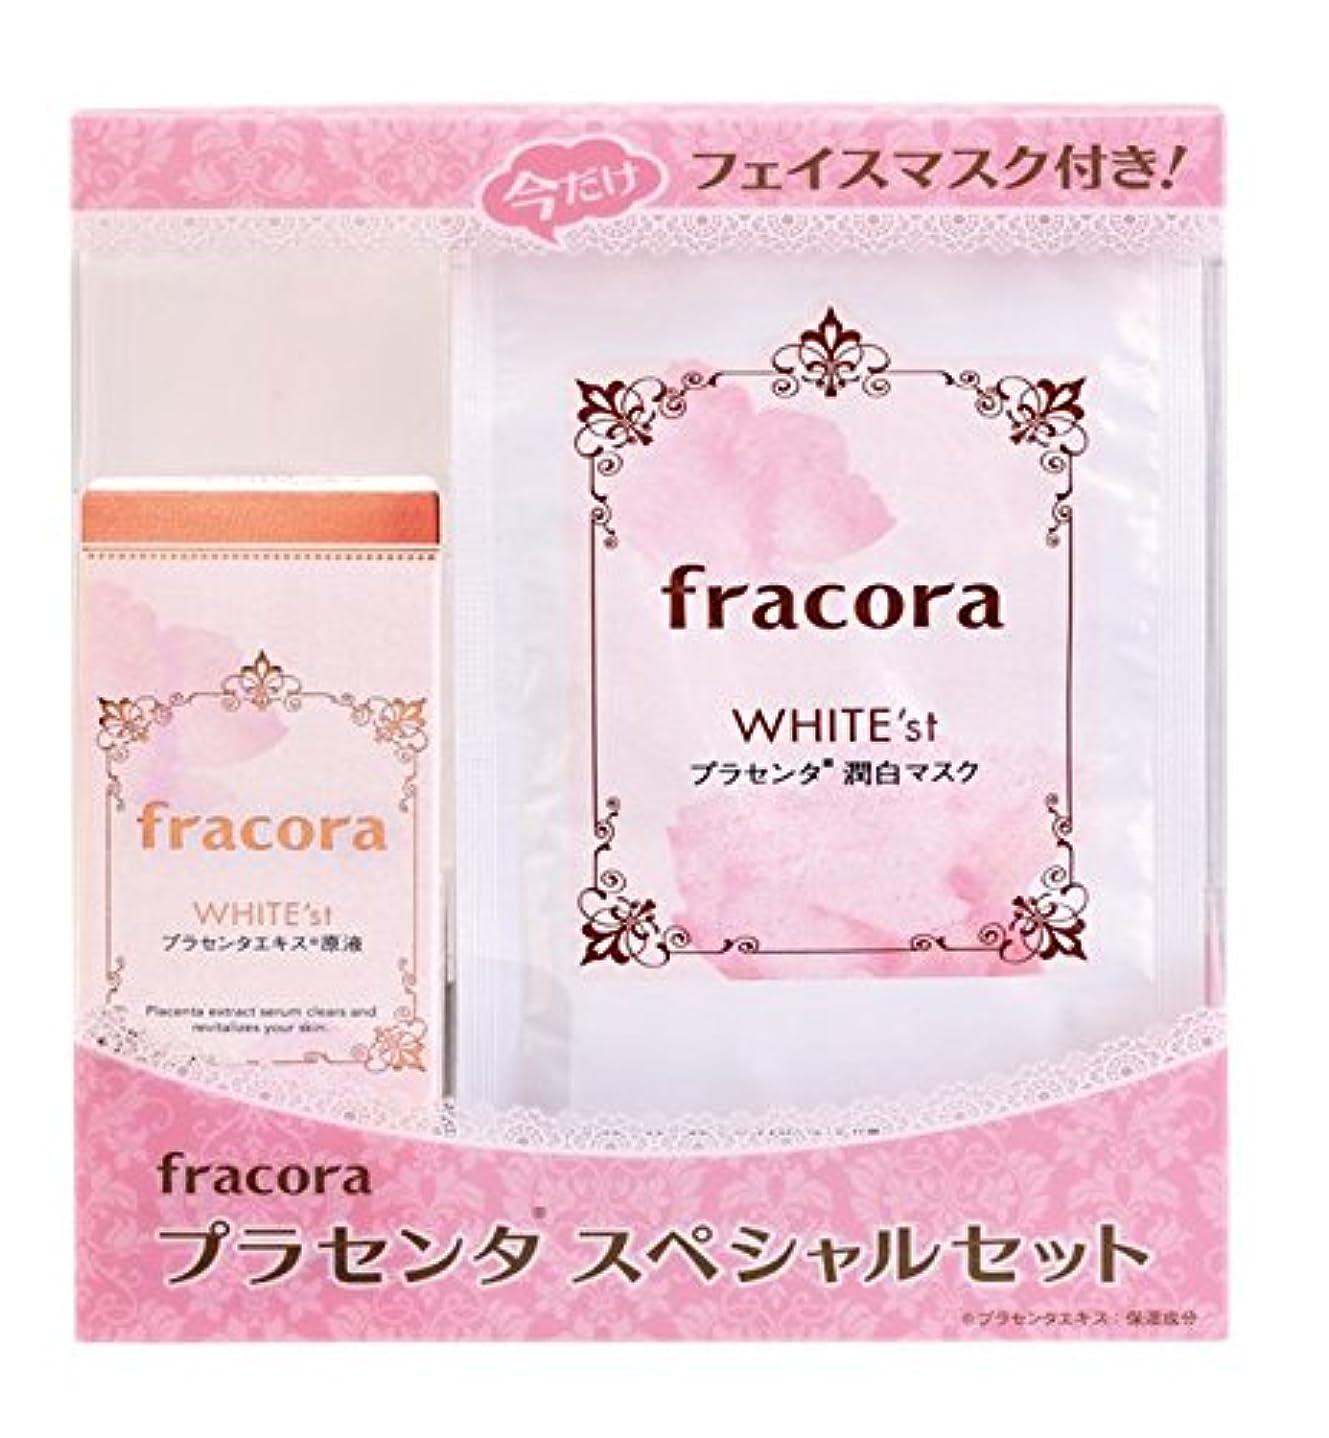 一時的比較的気づくなる【数量限定】フラコラ WHITE'st プラセンタ スペシャルセット2017